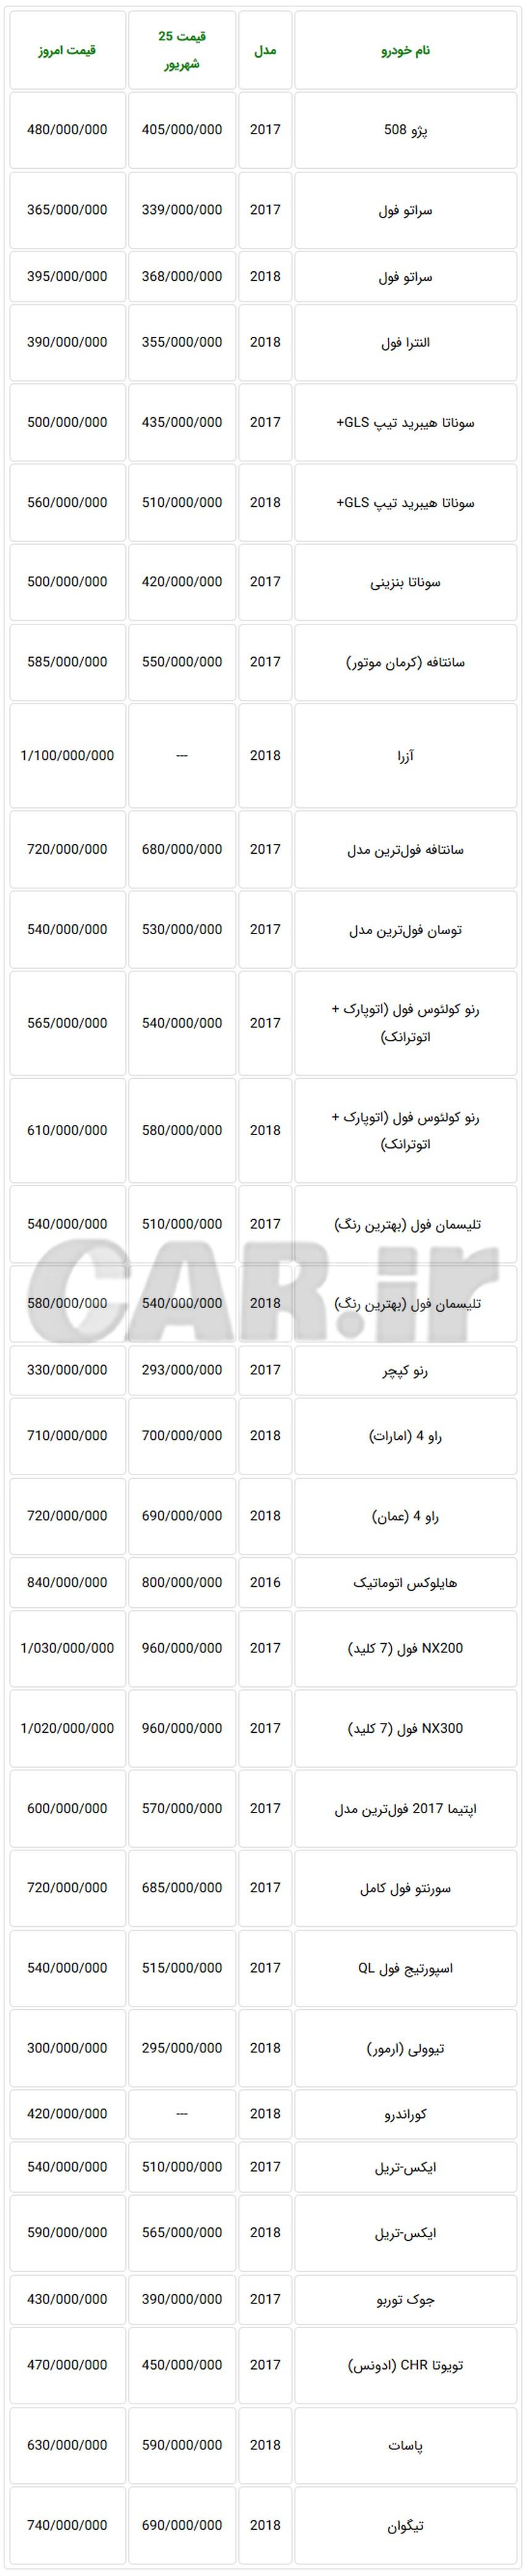 اعلام قیمت امروز خودروهای وارداتی در بازار تهران + جدول